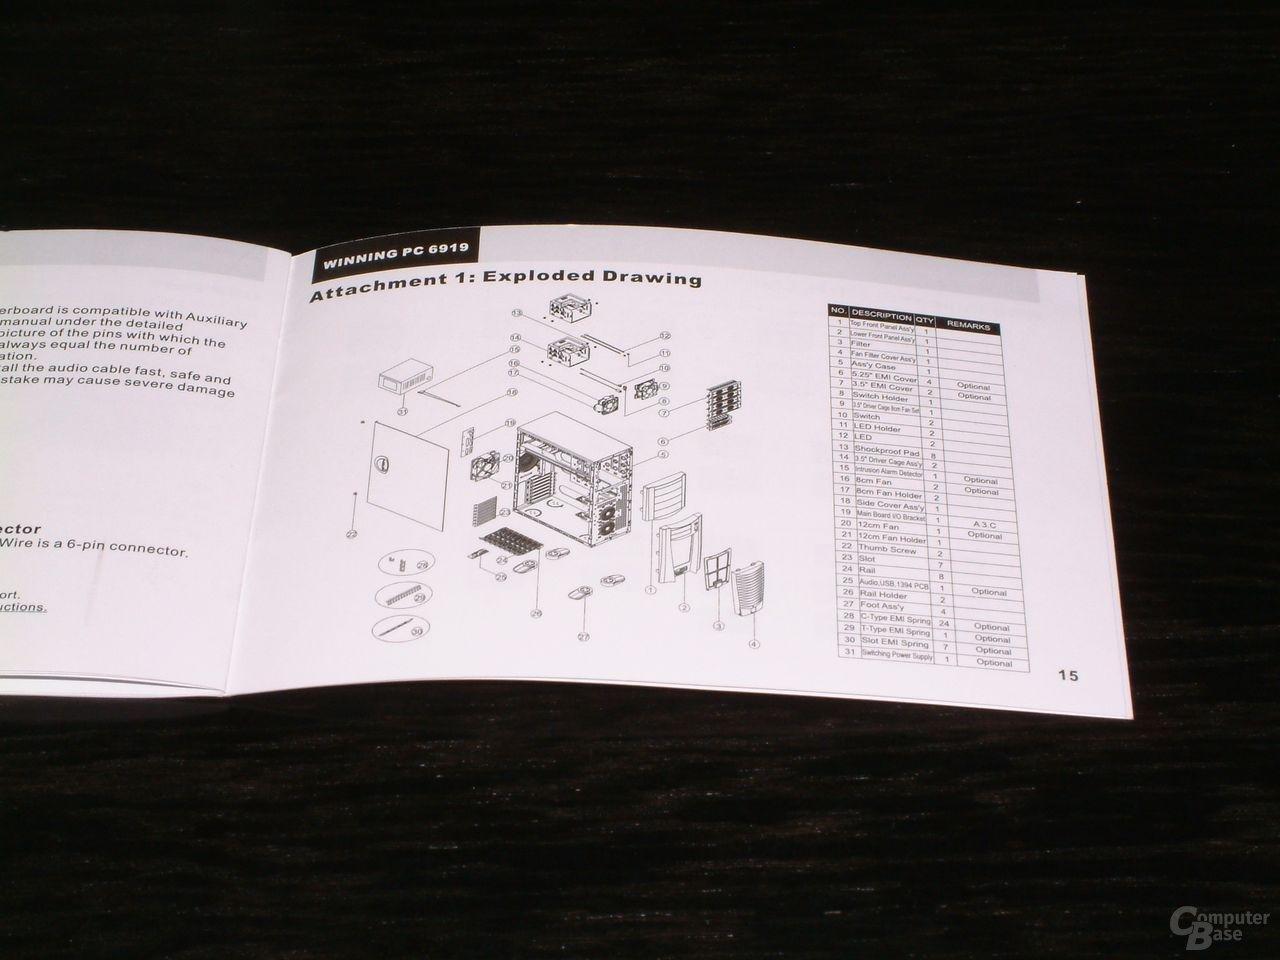 Anleitung Explosionszeichnung